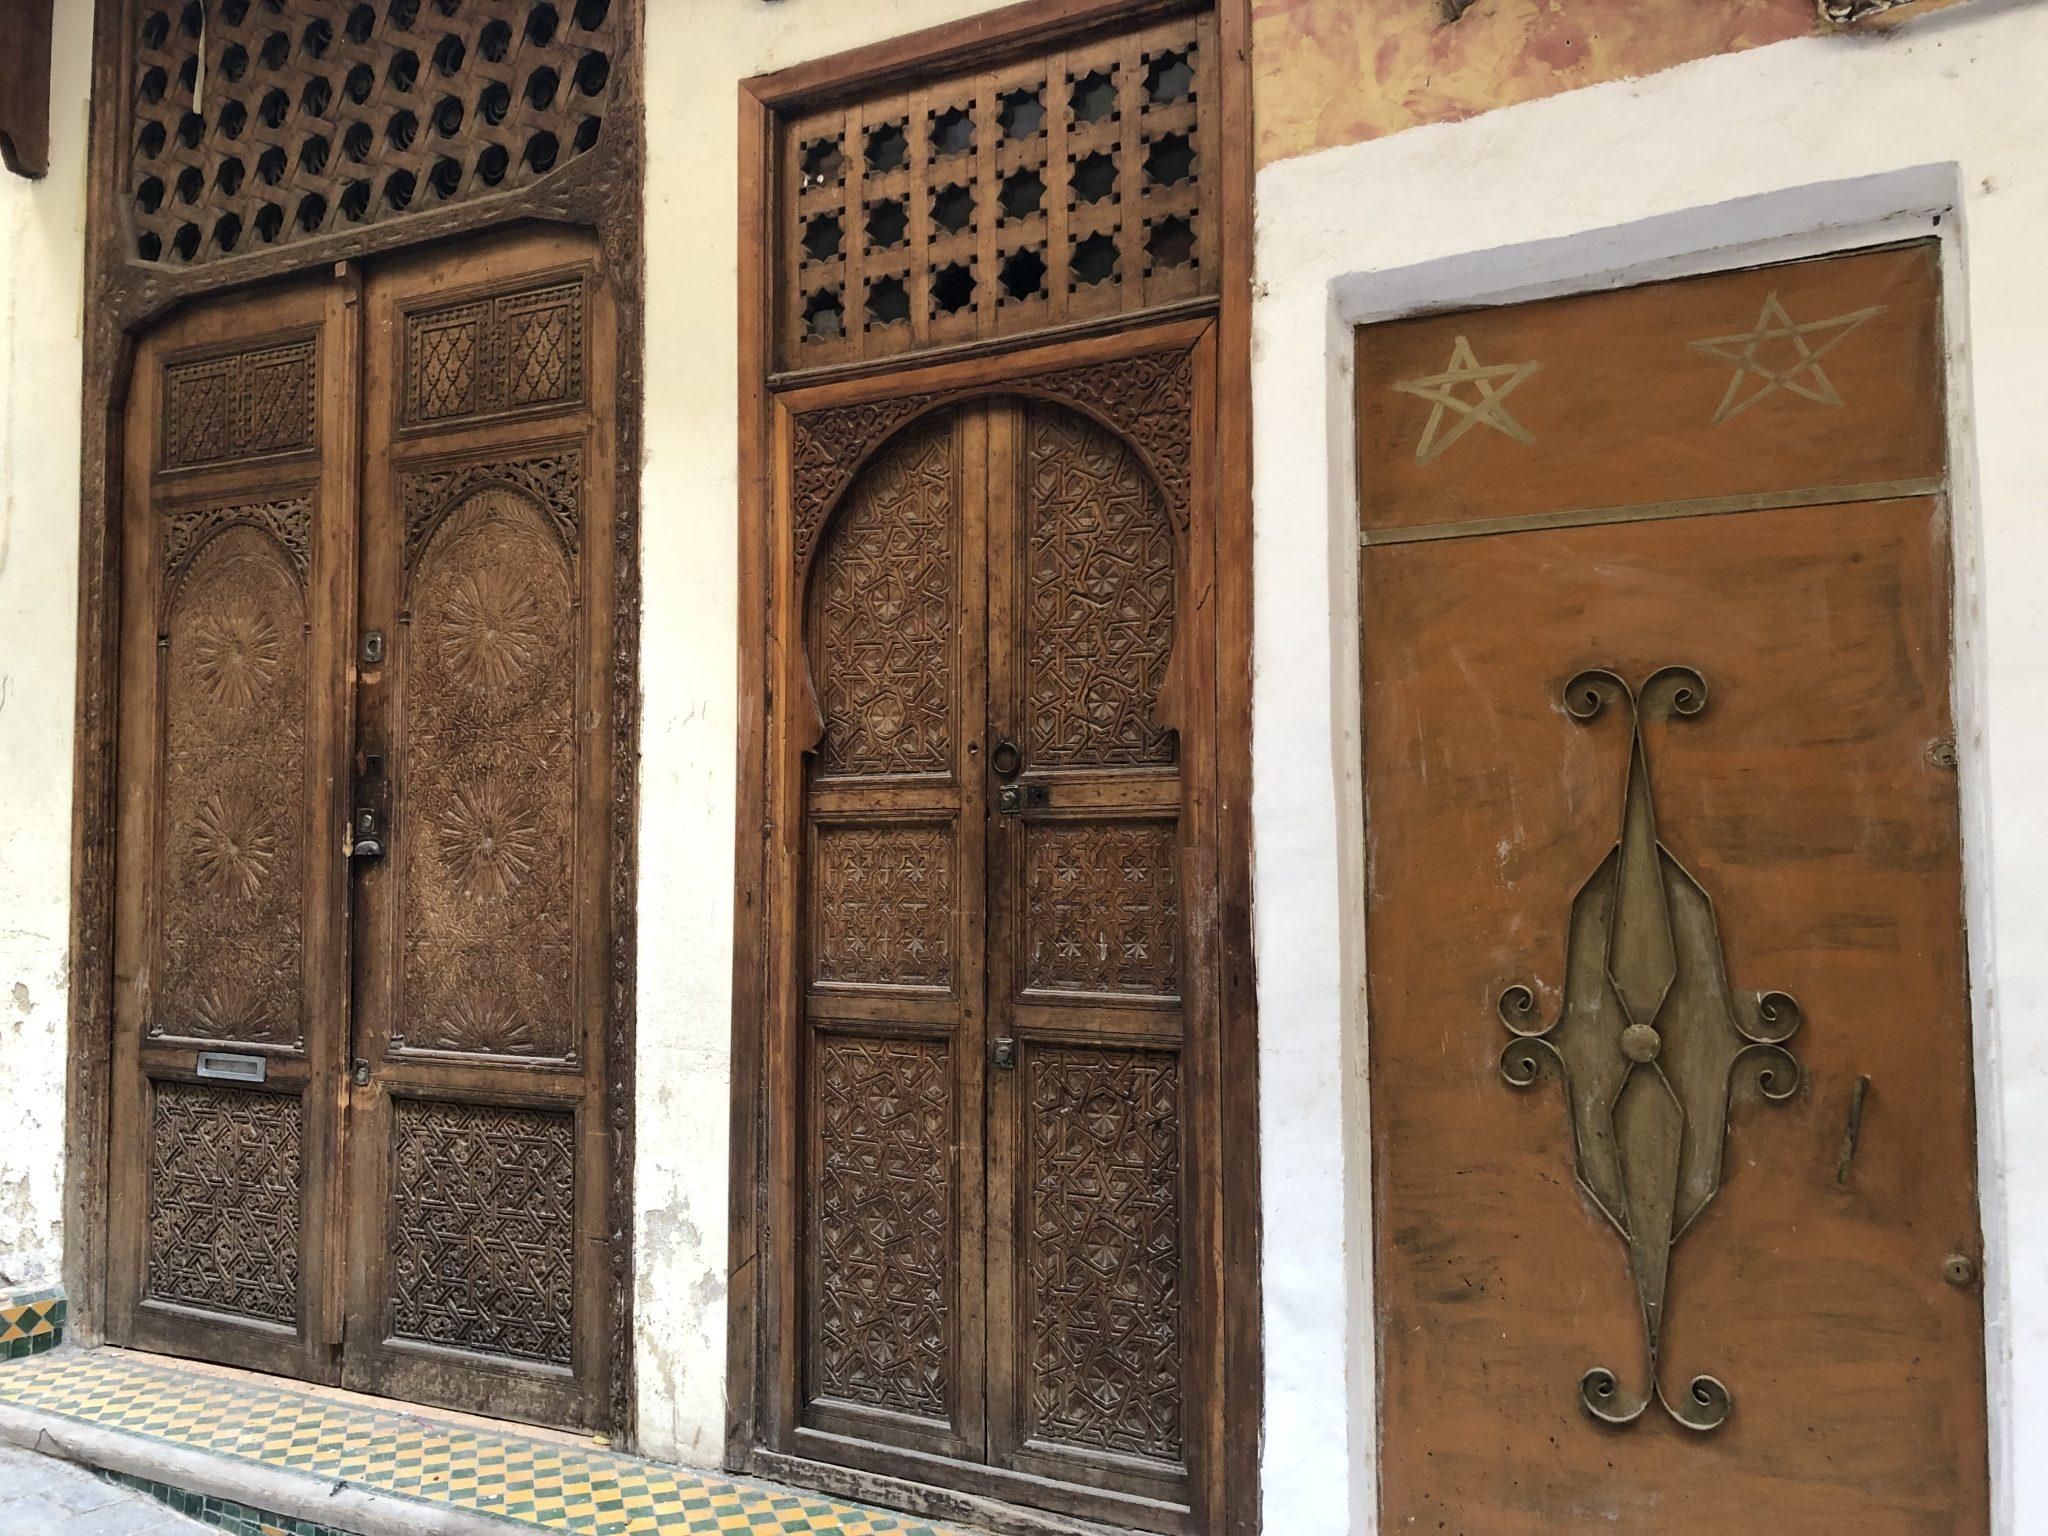 Tres días en Fez. Medina de Fez - PASAPORTE Y MILLAS